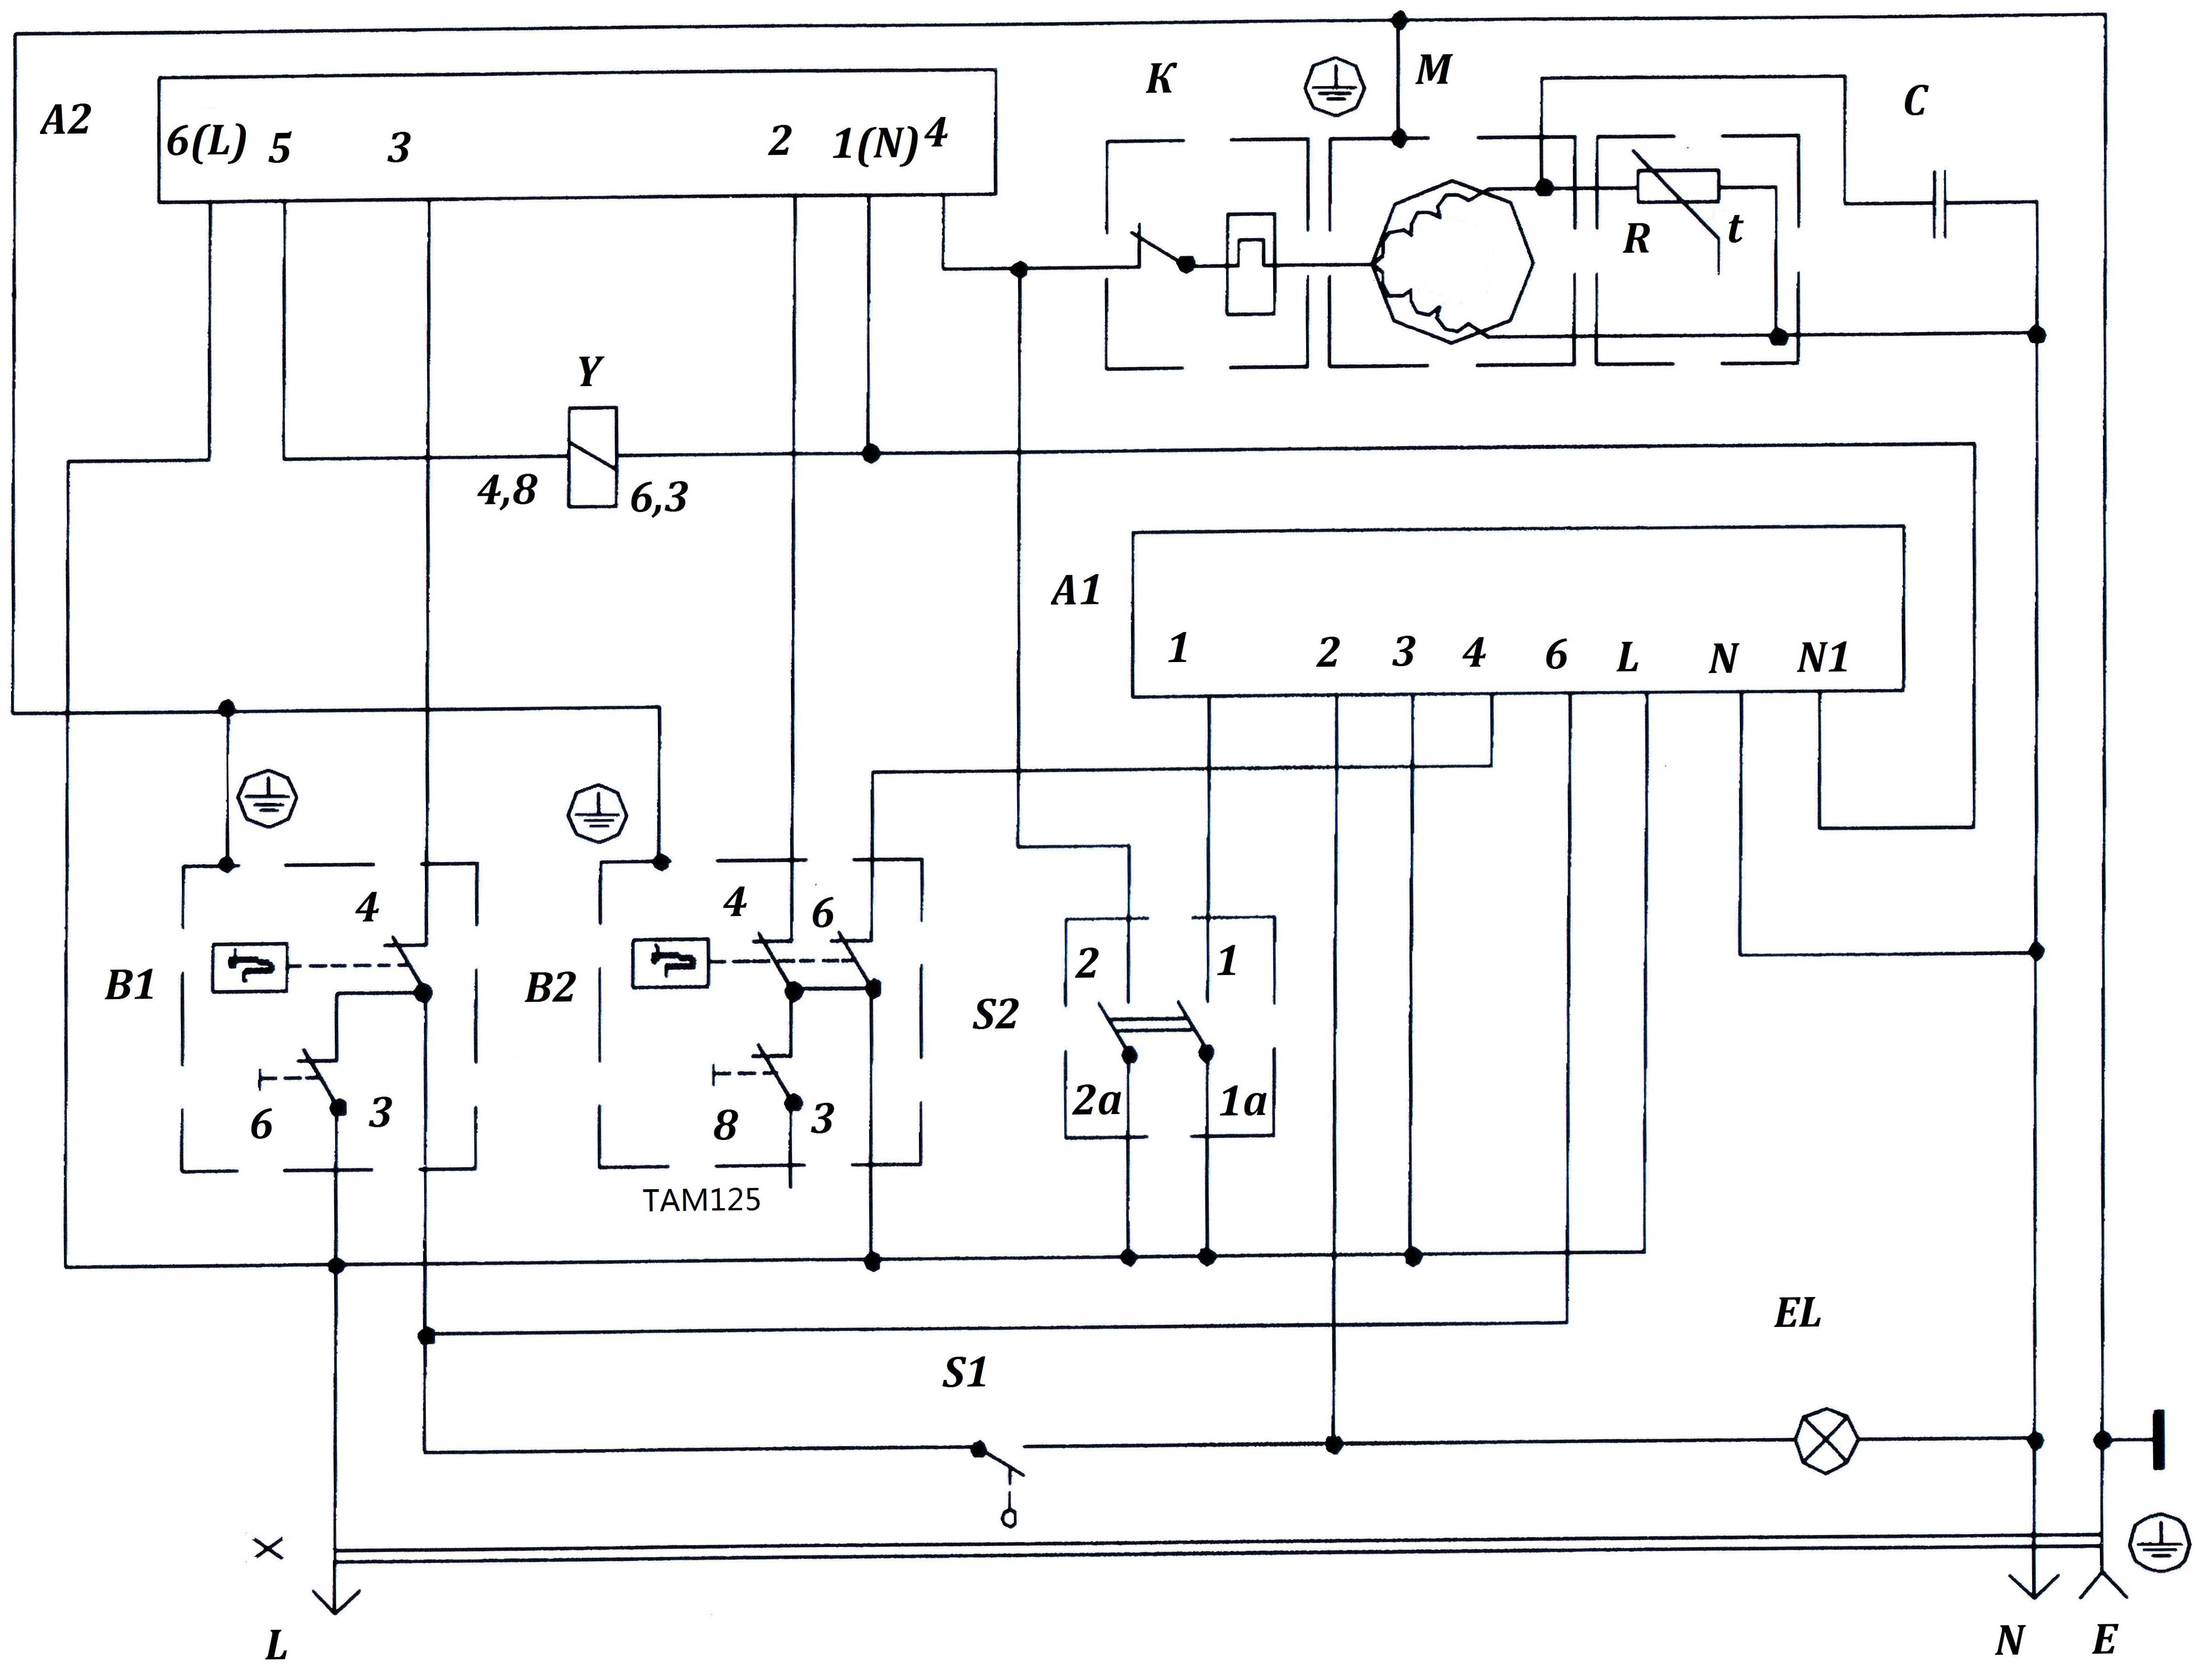 Схема работы холодильника: электронные устройства